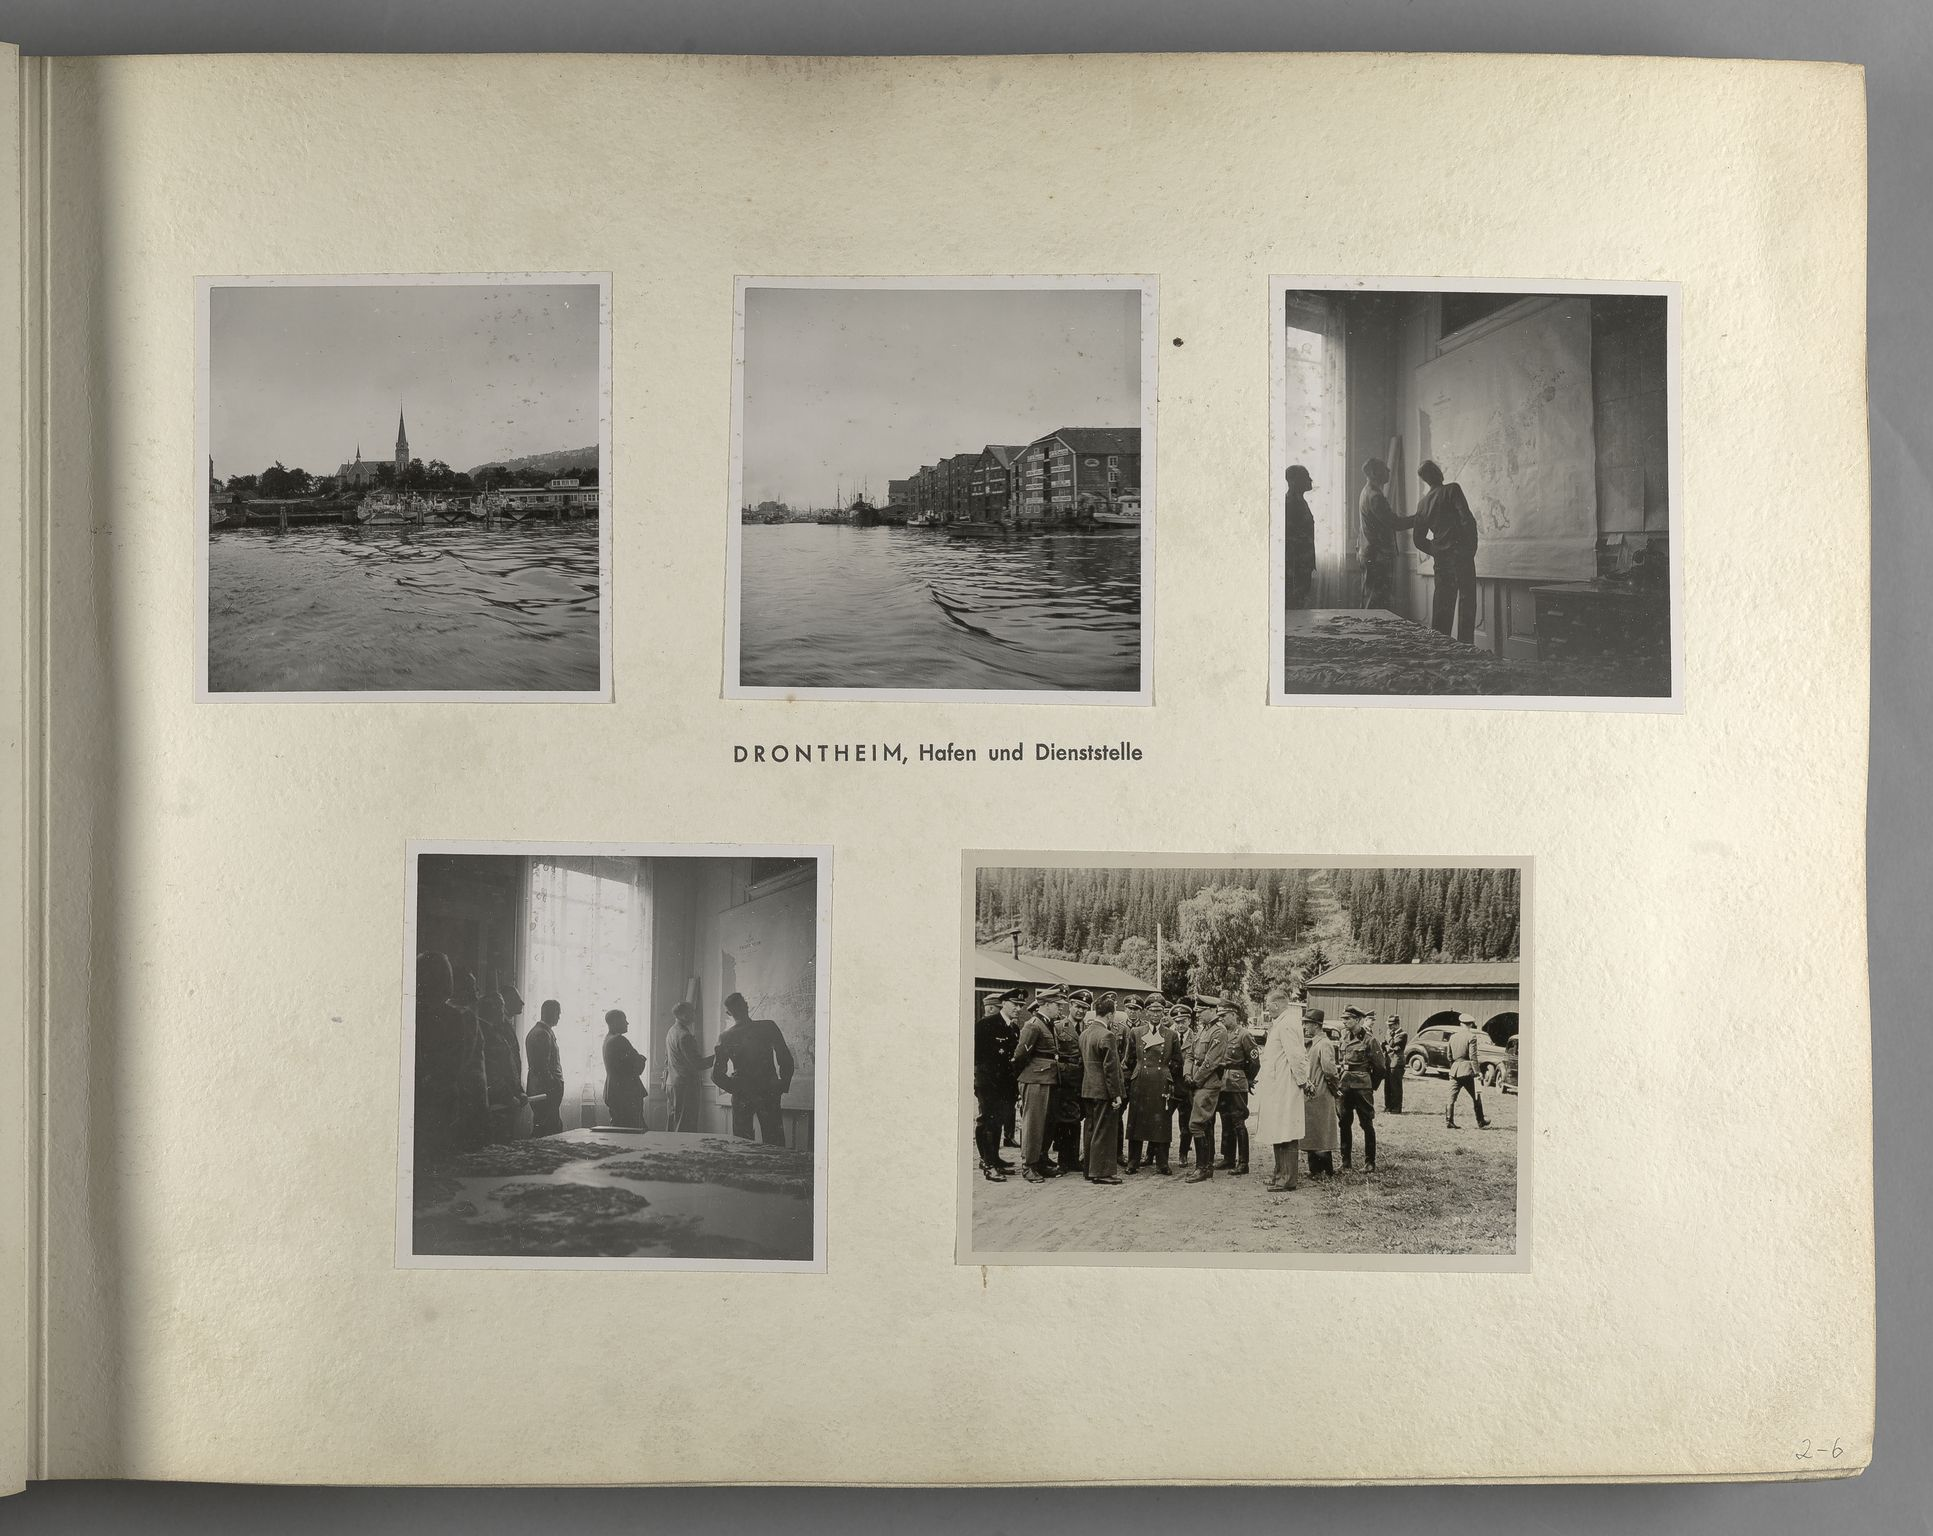 RA, Tyske arkiver, Reichskommissariat, Bildarchiv, U/L0071: Fotoalbum: Mit dem Reichskommissar nach Nordnorwegen und Finnland 10. bis 27. Juli 1942, 1942, s. 13